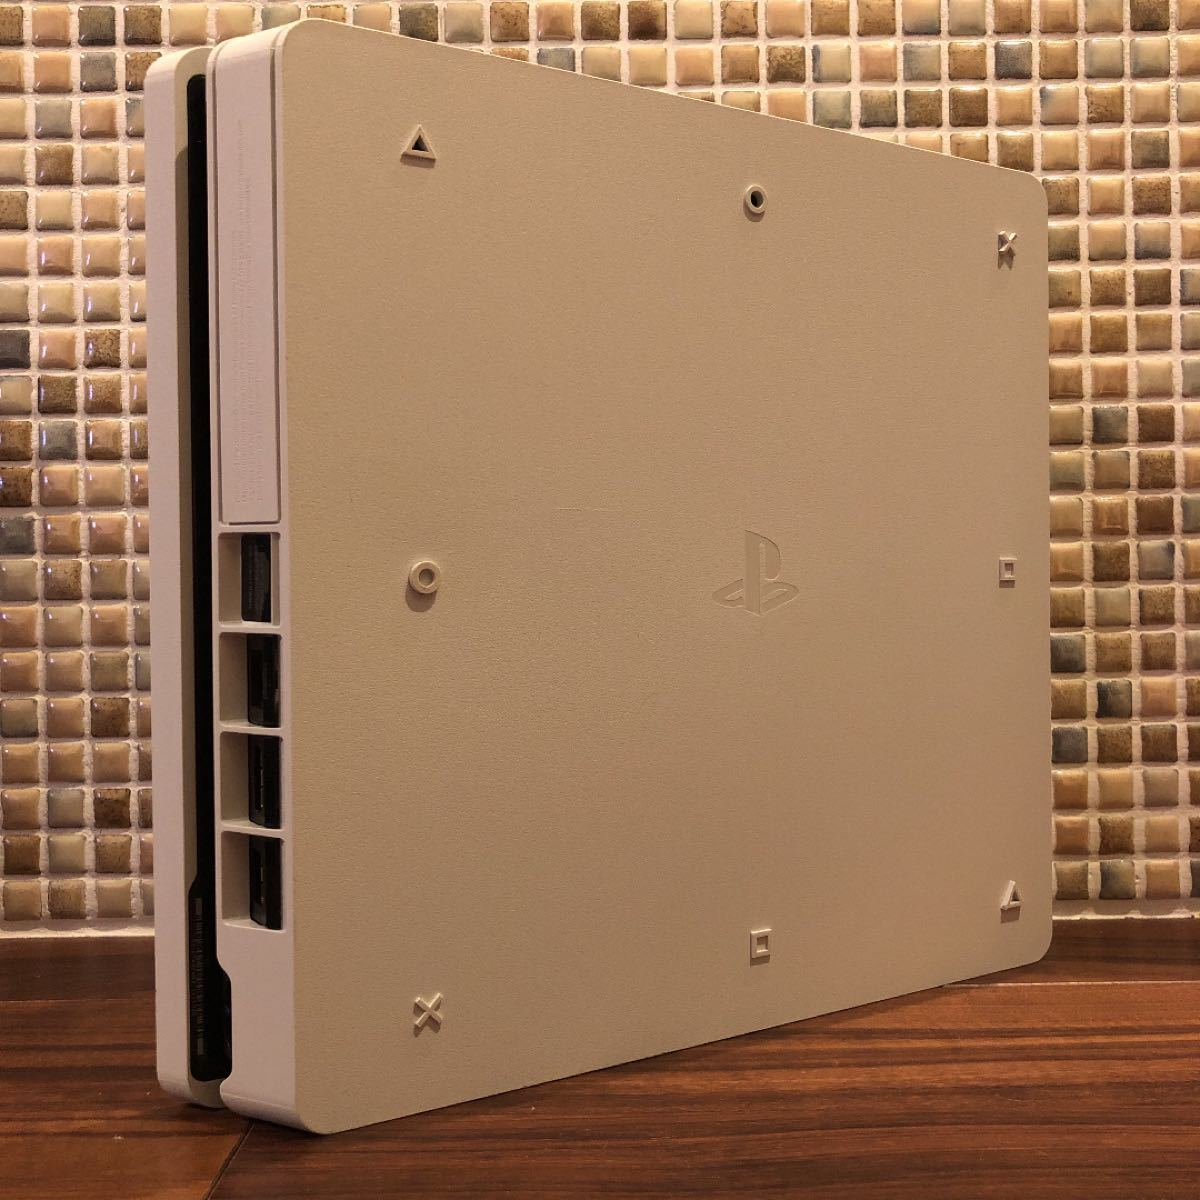 【コントローラーなし】プレイステーション4 PS4 本体 CUH-2200  グレイシャーホワイト